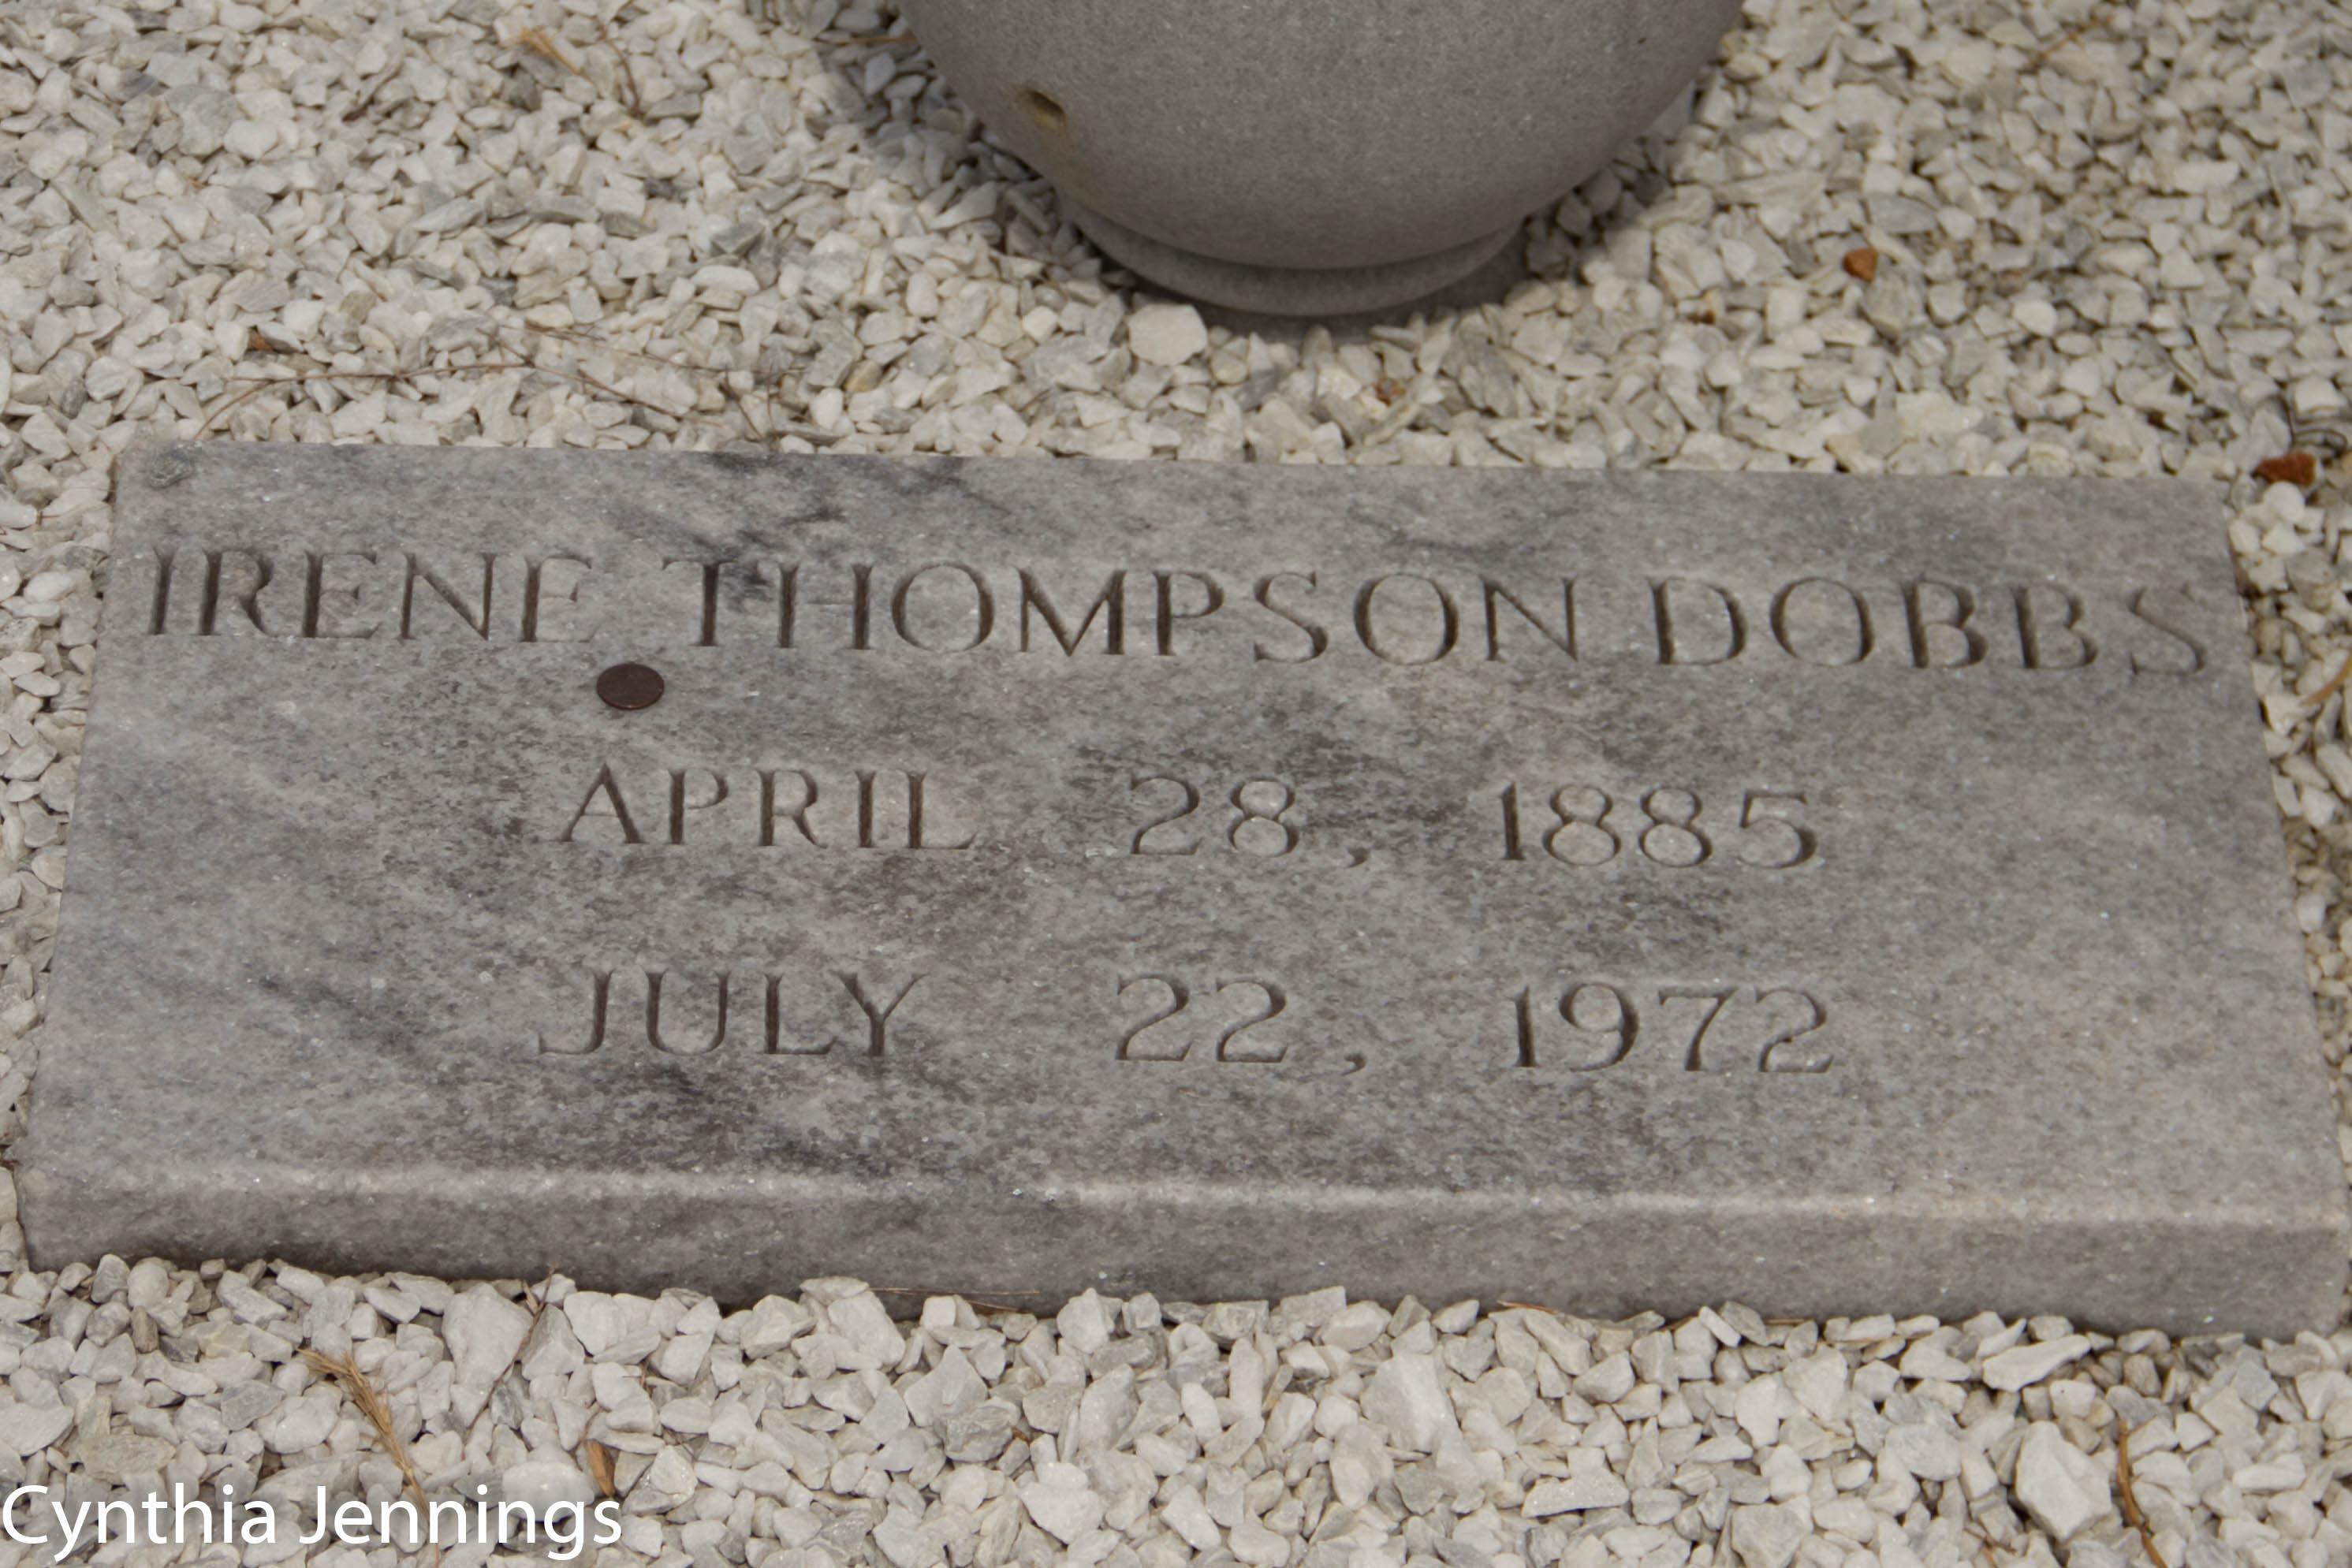 Irene Ophelia <i>Thompson</i> Dobbs